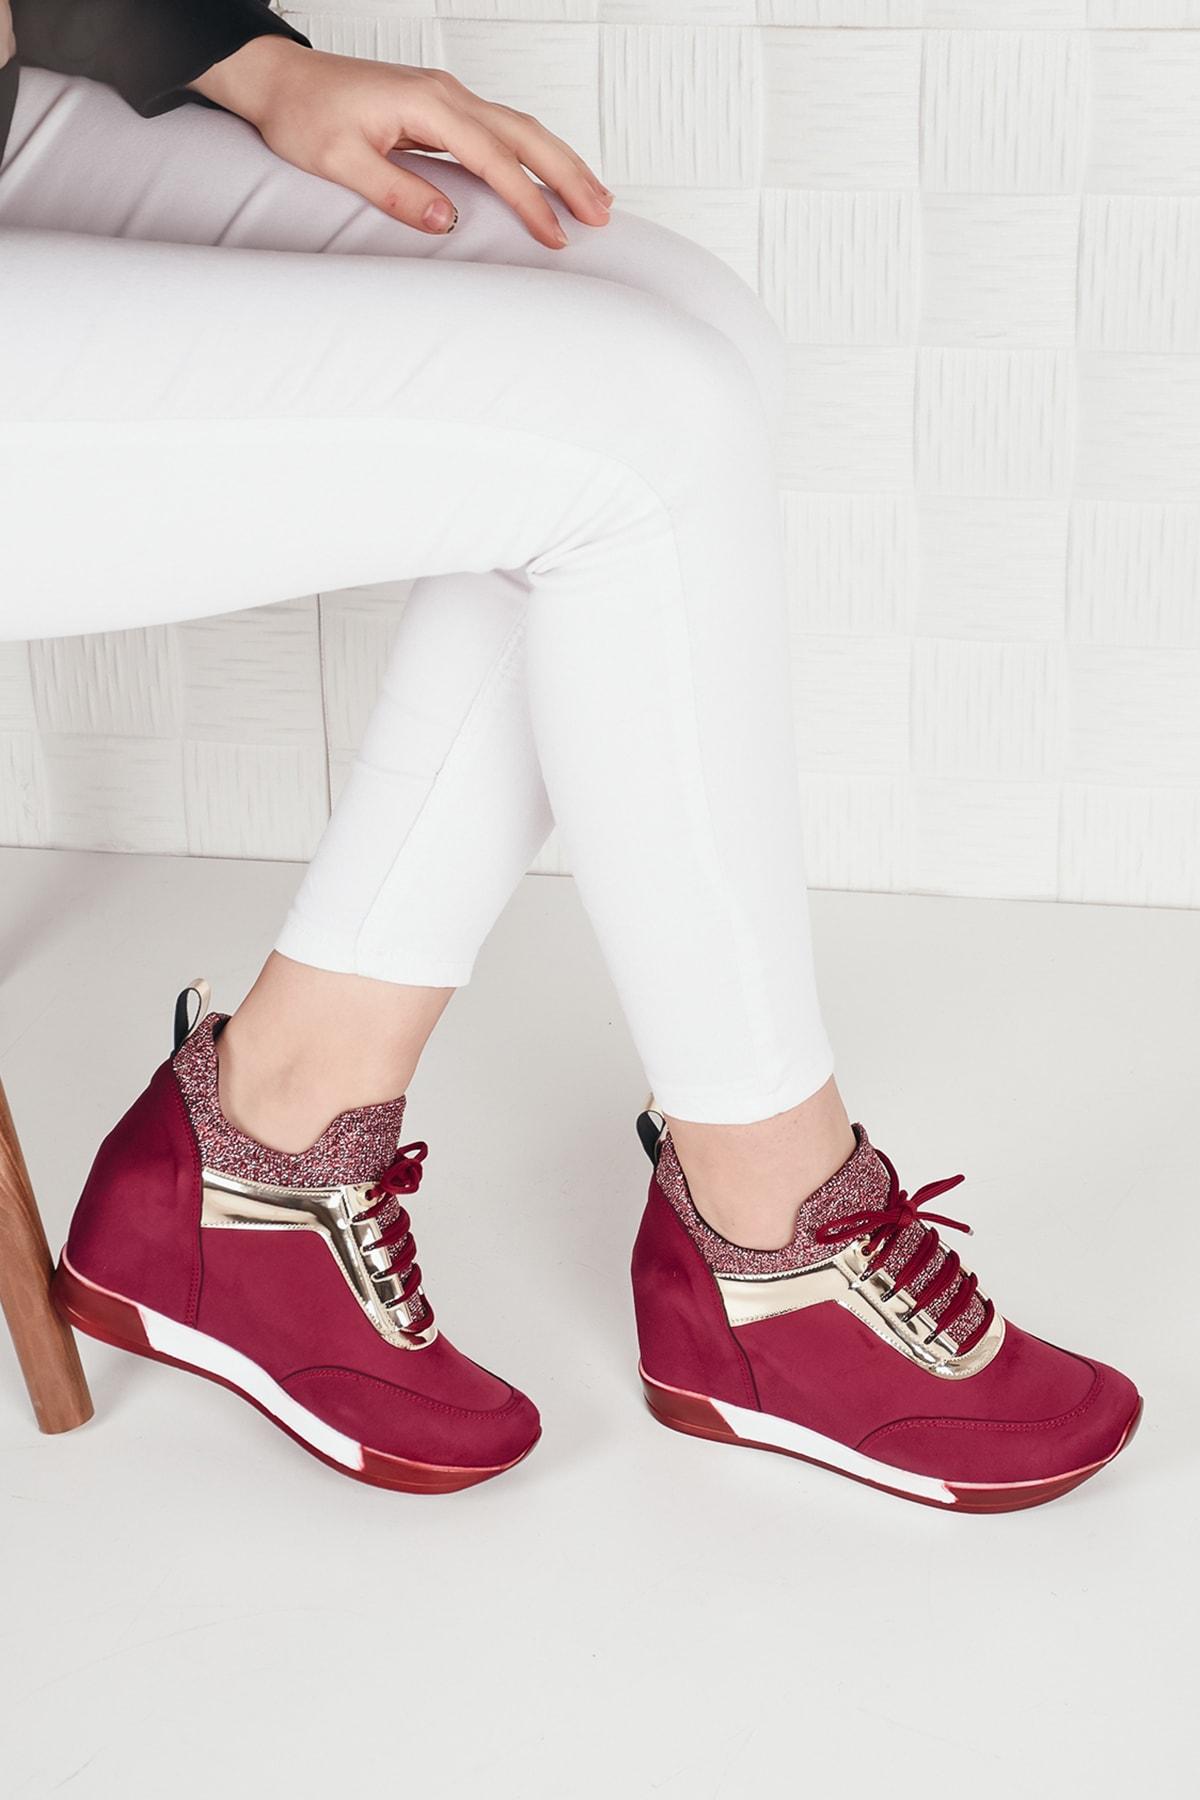 Weynes Kadın Bordo Simli Yüksek Taban Gizli Topuk Spor Ayakkabı Ba20260 1